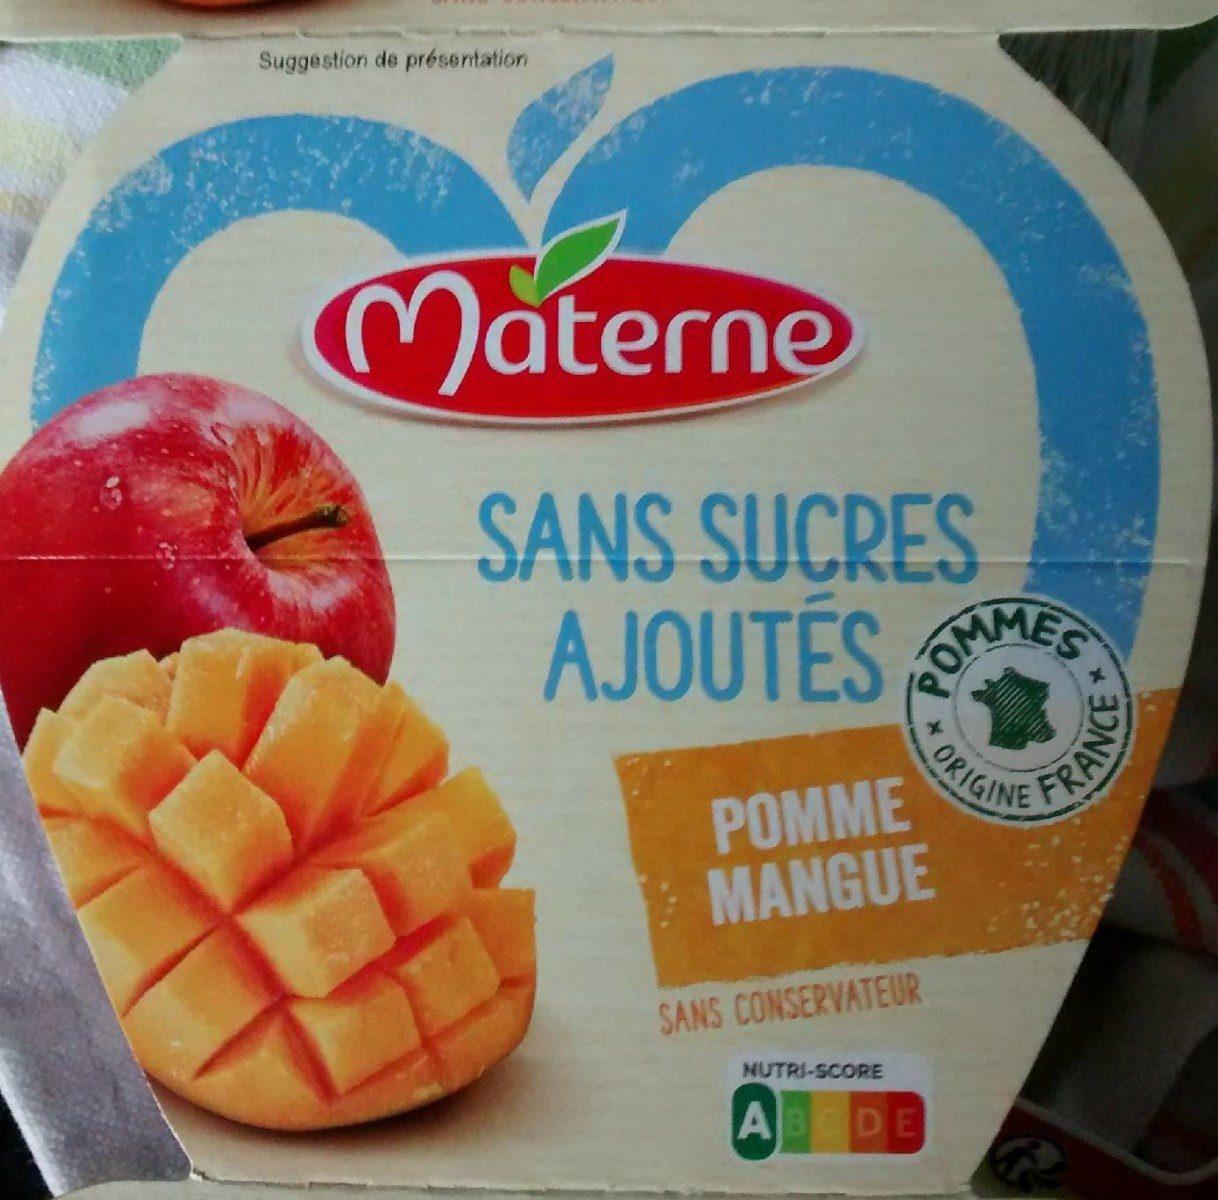 Pomme mangue - Produit